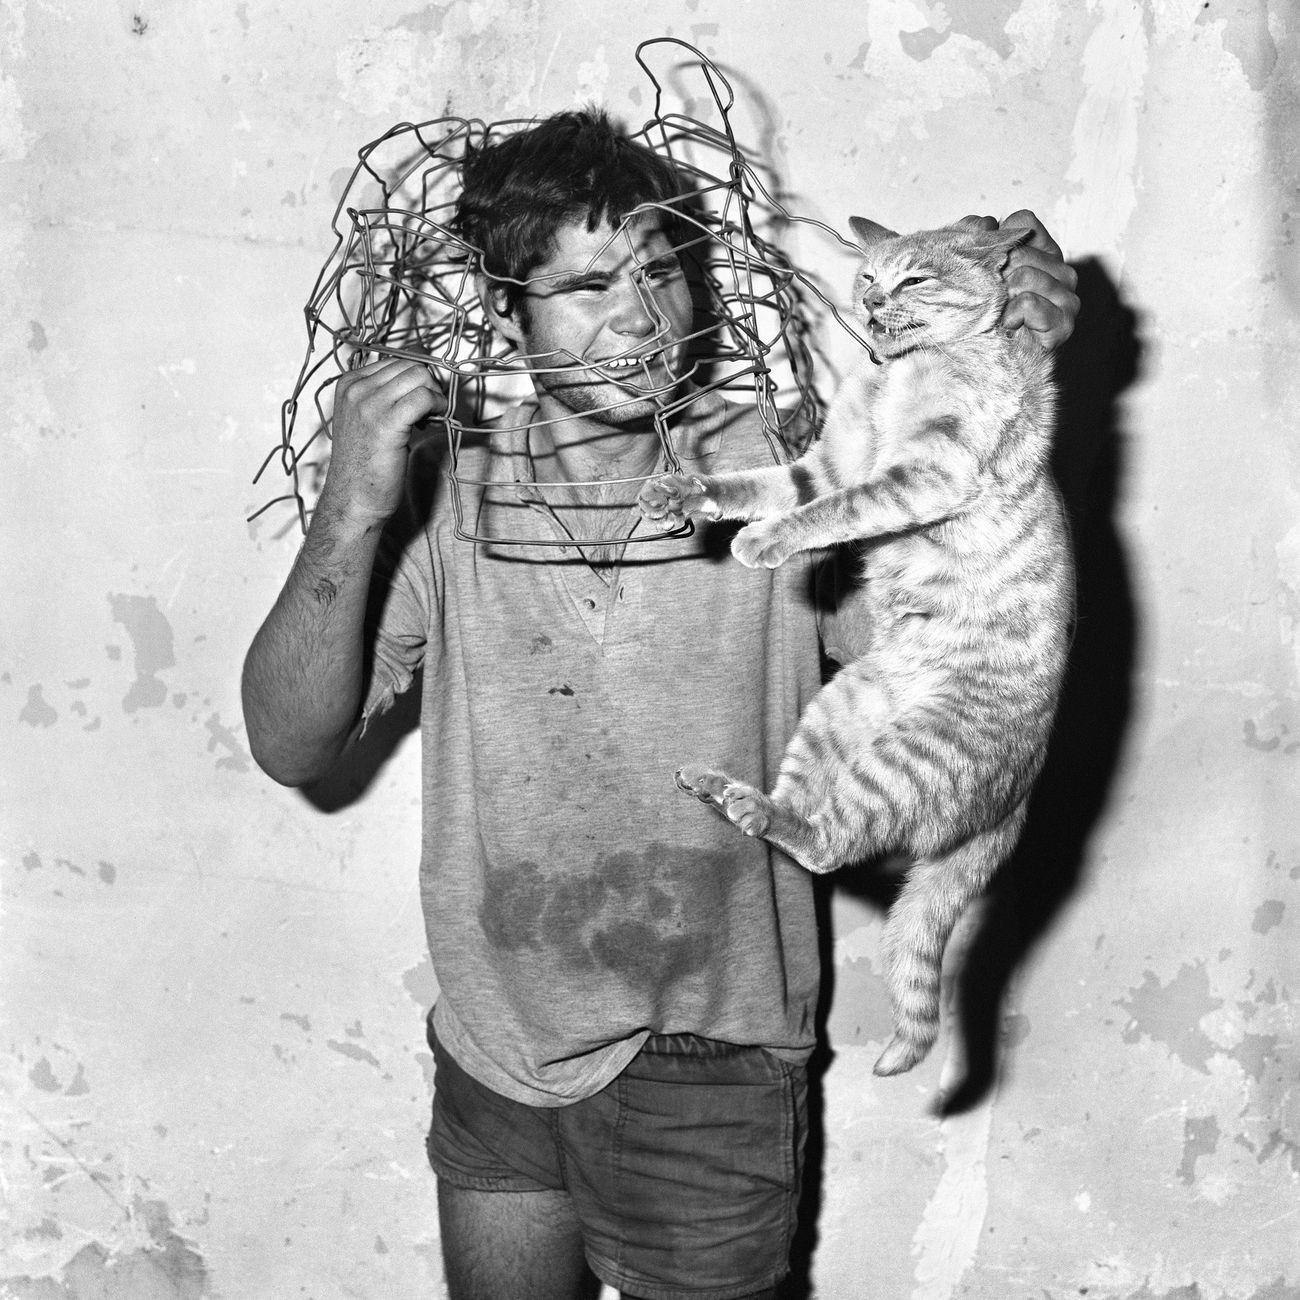 Roger Ballen, Cat Catcher, 1998 © Roger Ballen